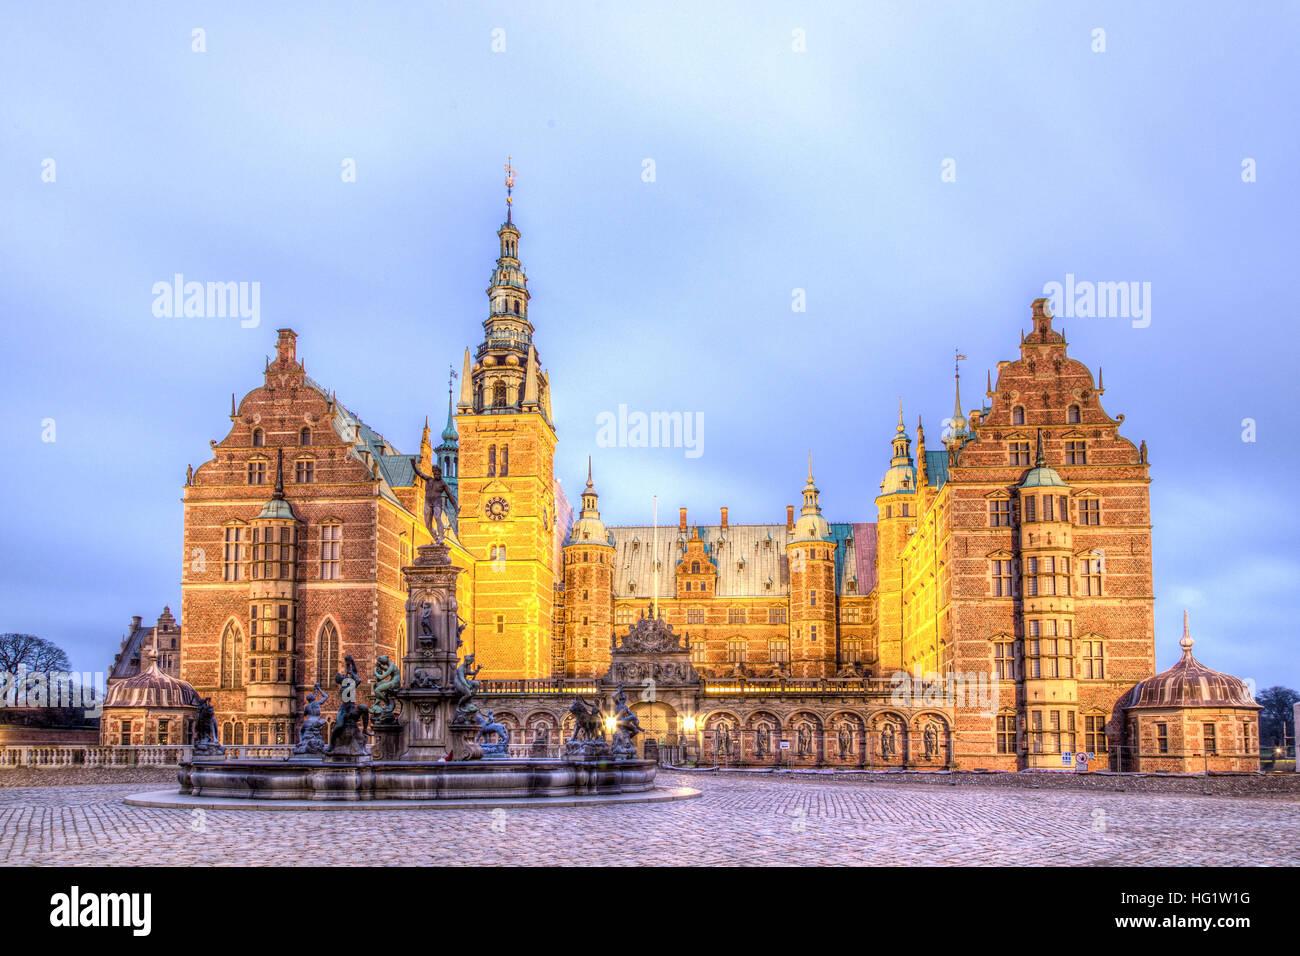 Hillerod, Dänemark - 29. Dezember 2016: Blick auf das beleuchtete Schloss Frederiksborg Stockbild